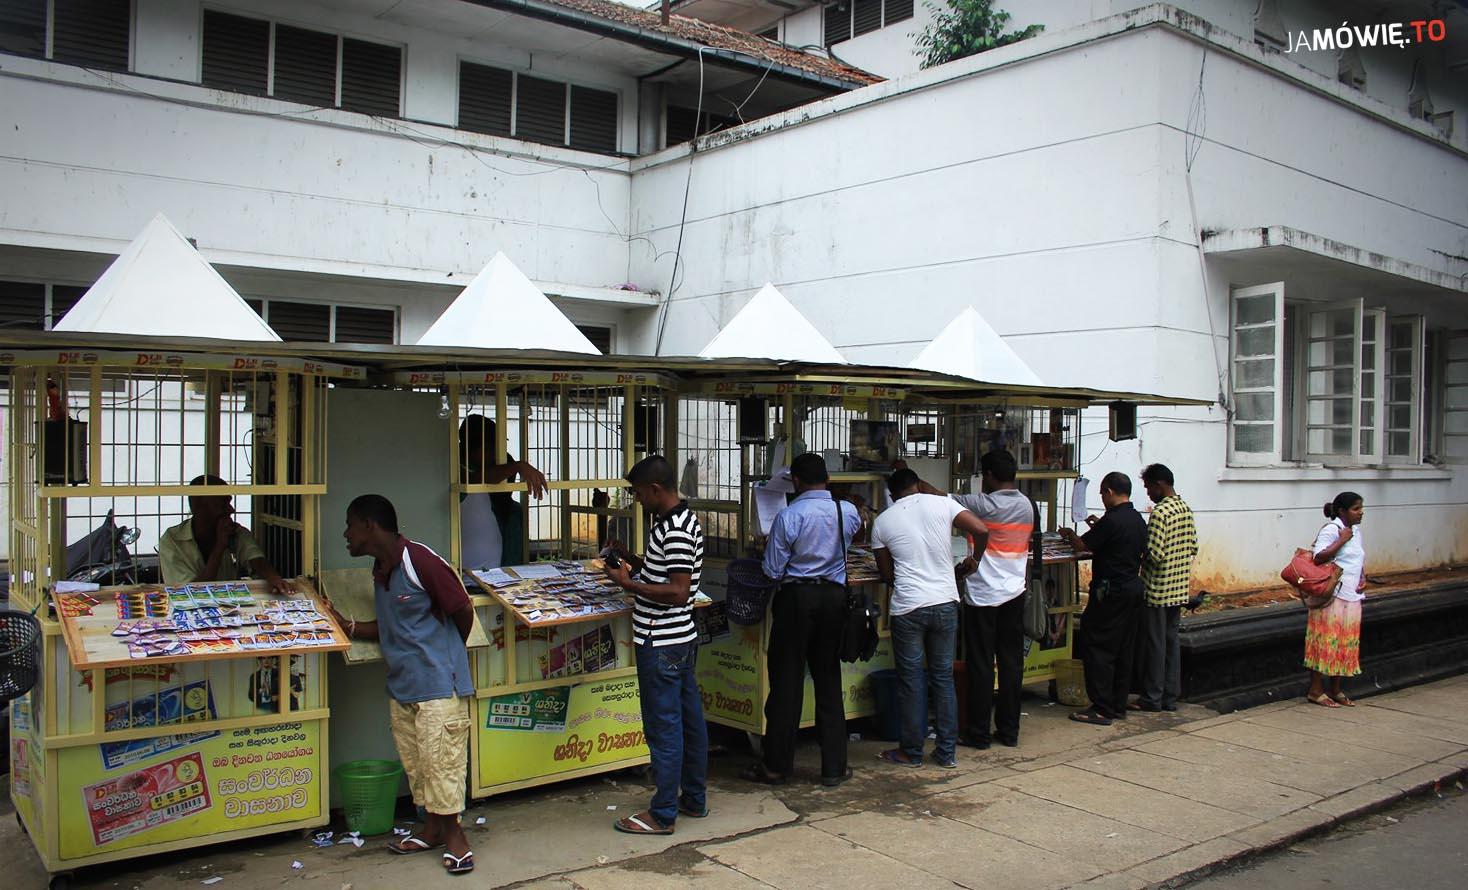 Sri Lanka - Ja mówię TO http://jamowie.to Ciekawostki - 5